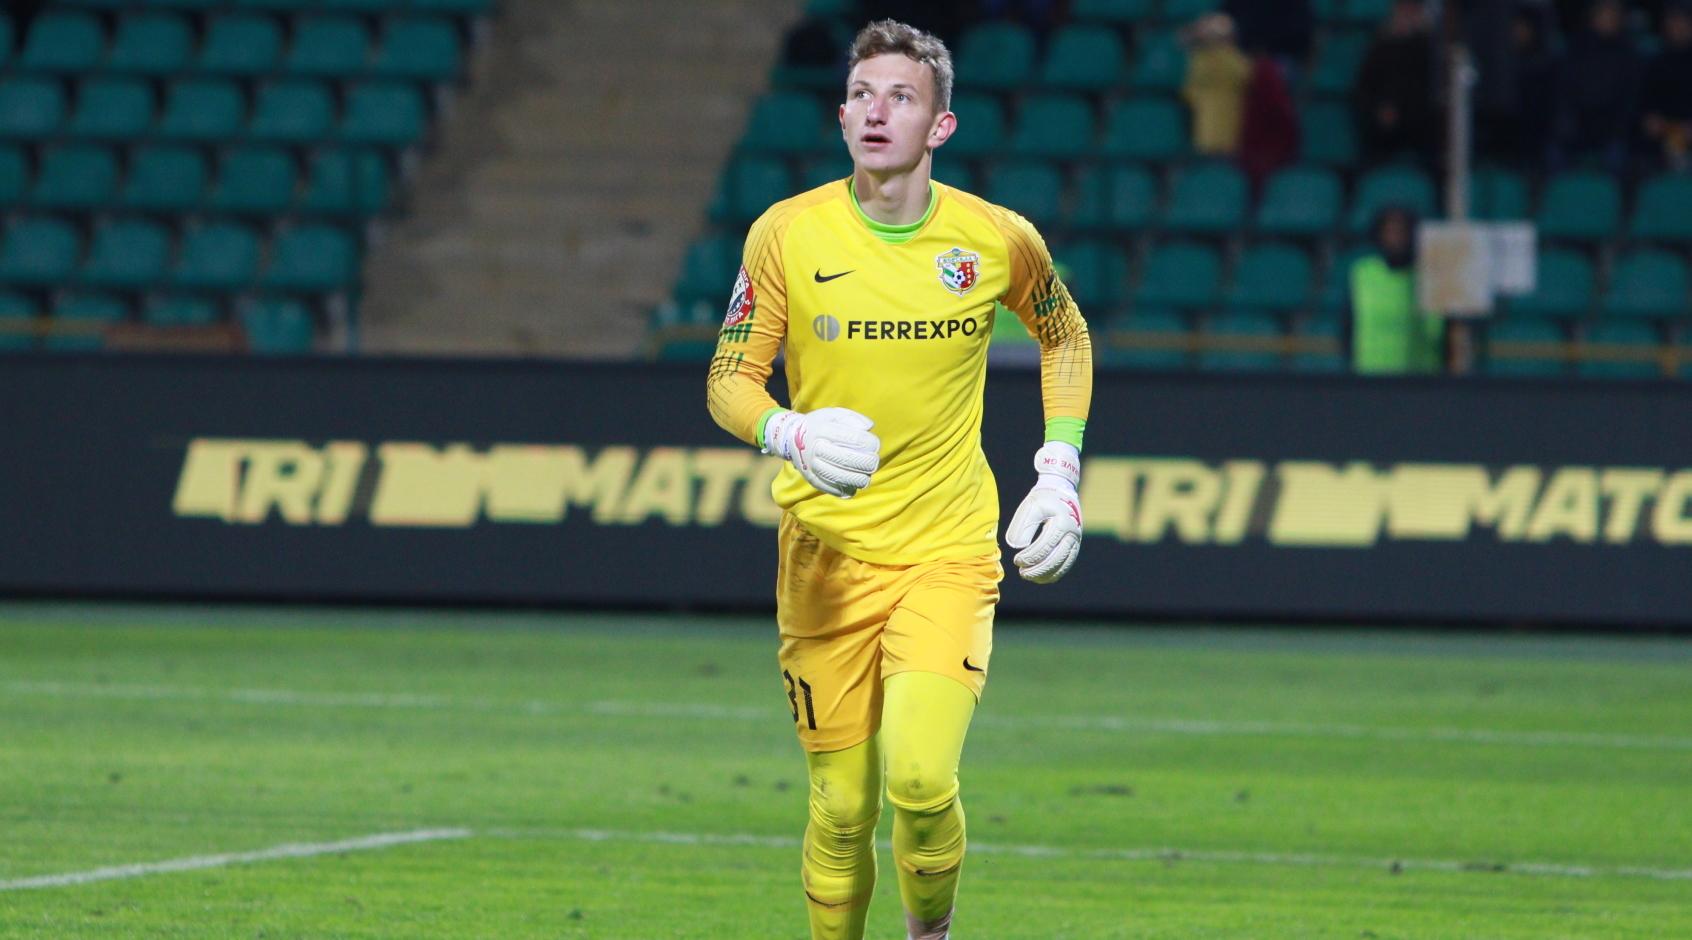 Молодые таланты УПЛ, или кто раскрылся в минувшем сезоне чемпионата Украины: часть первая - изображение 2